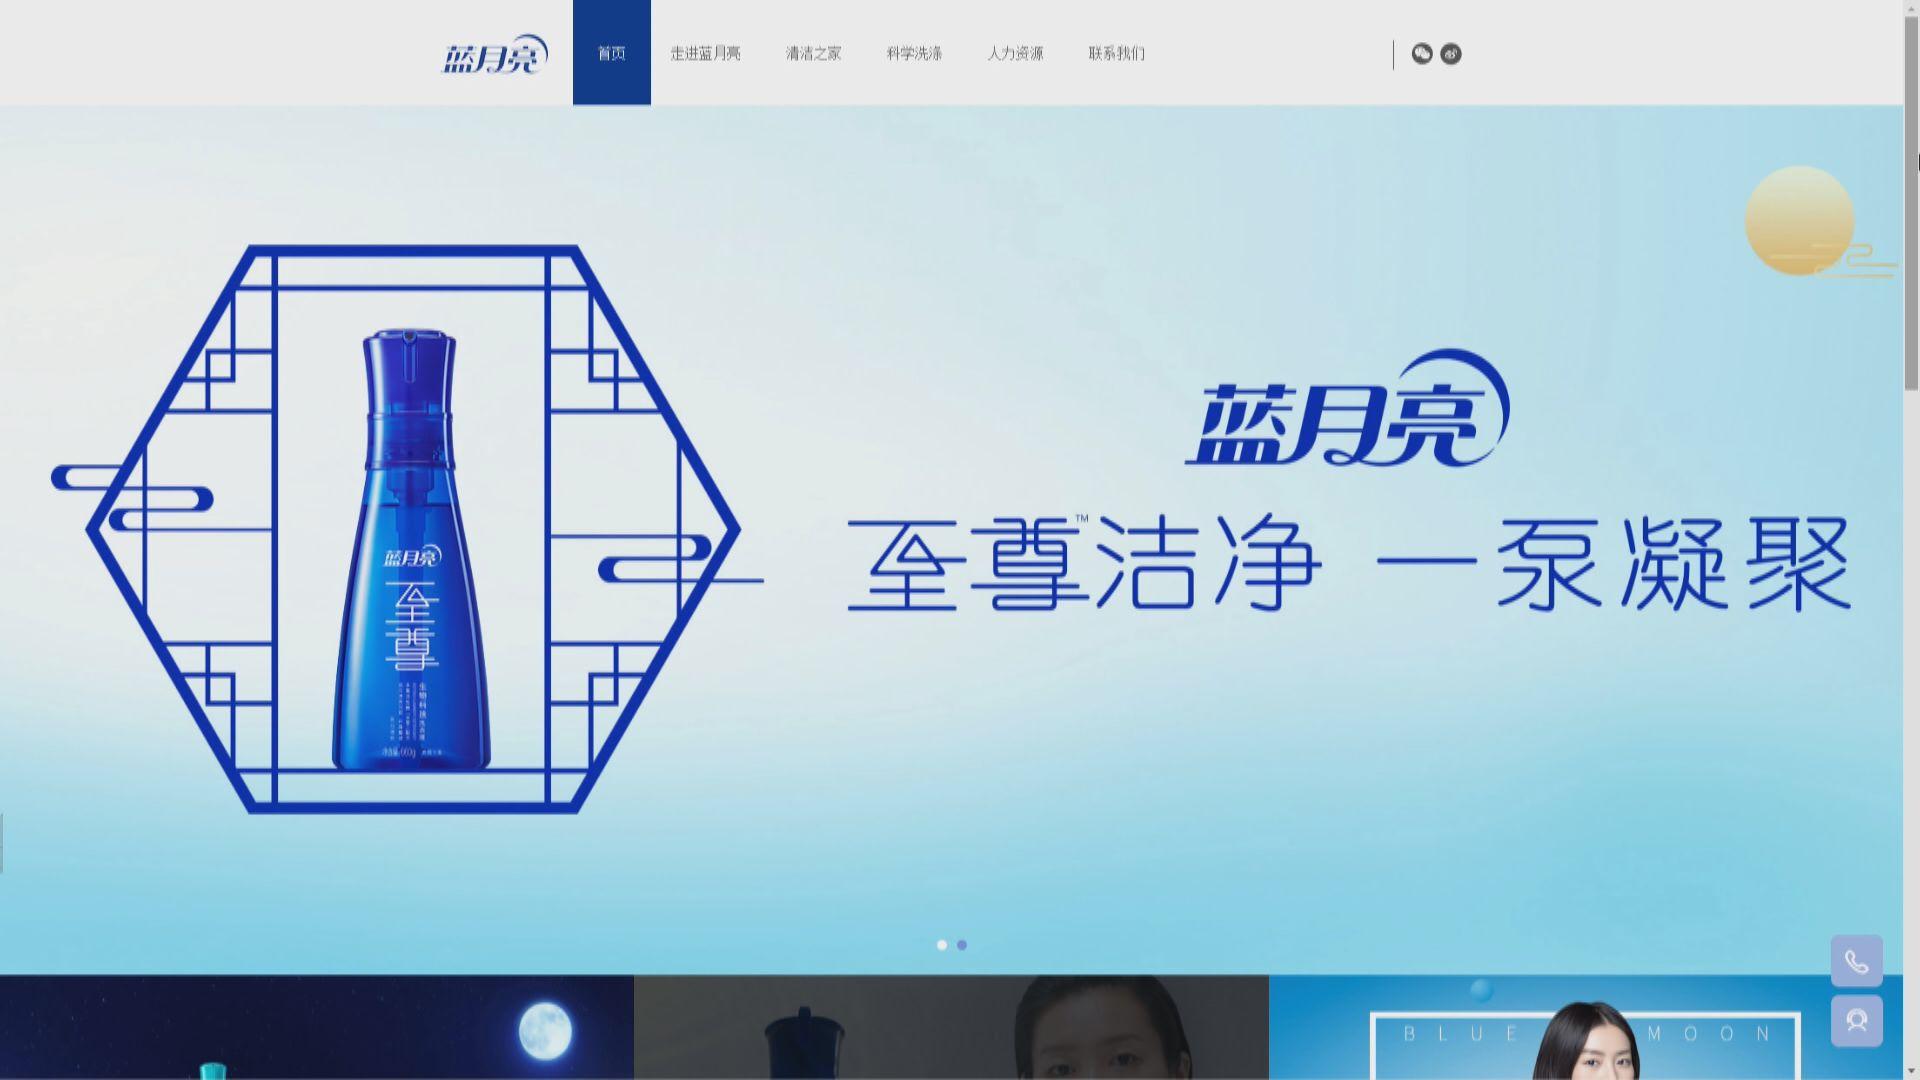 【考慮上市】內地洗衣液品牌藍月亮擬上市籌4億美元